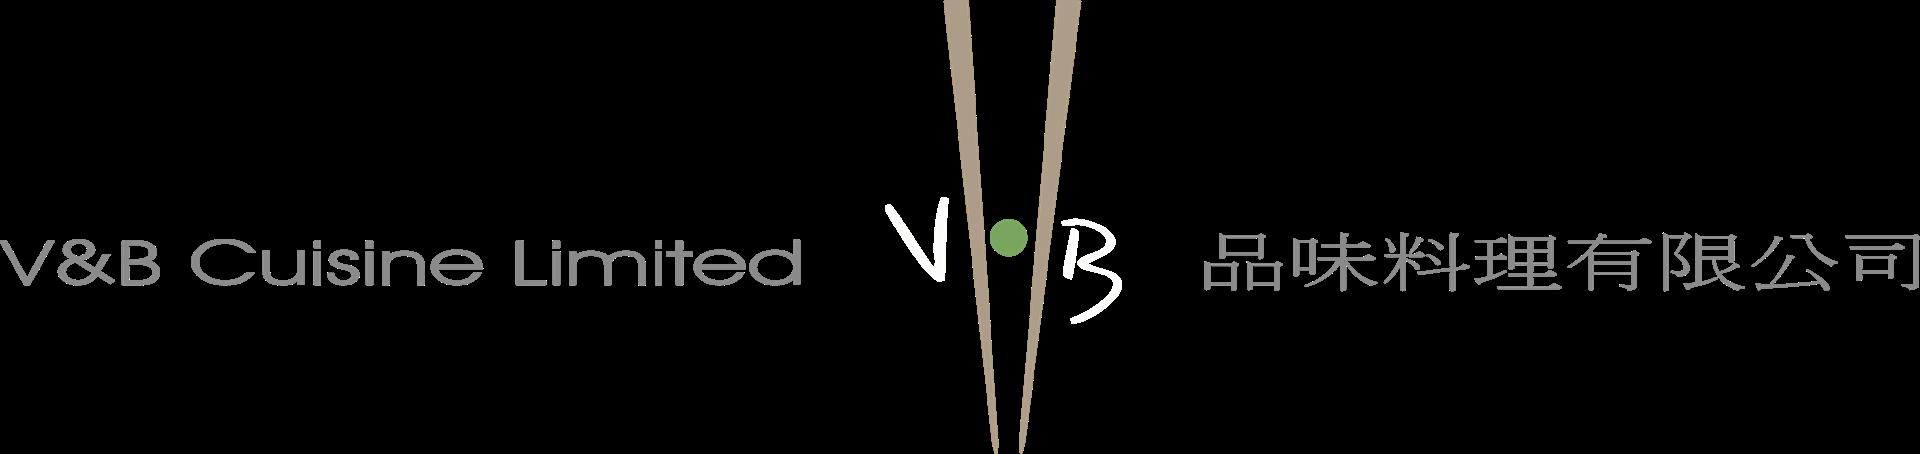 V&B CUISINE